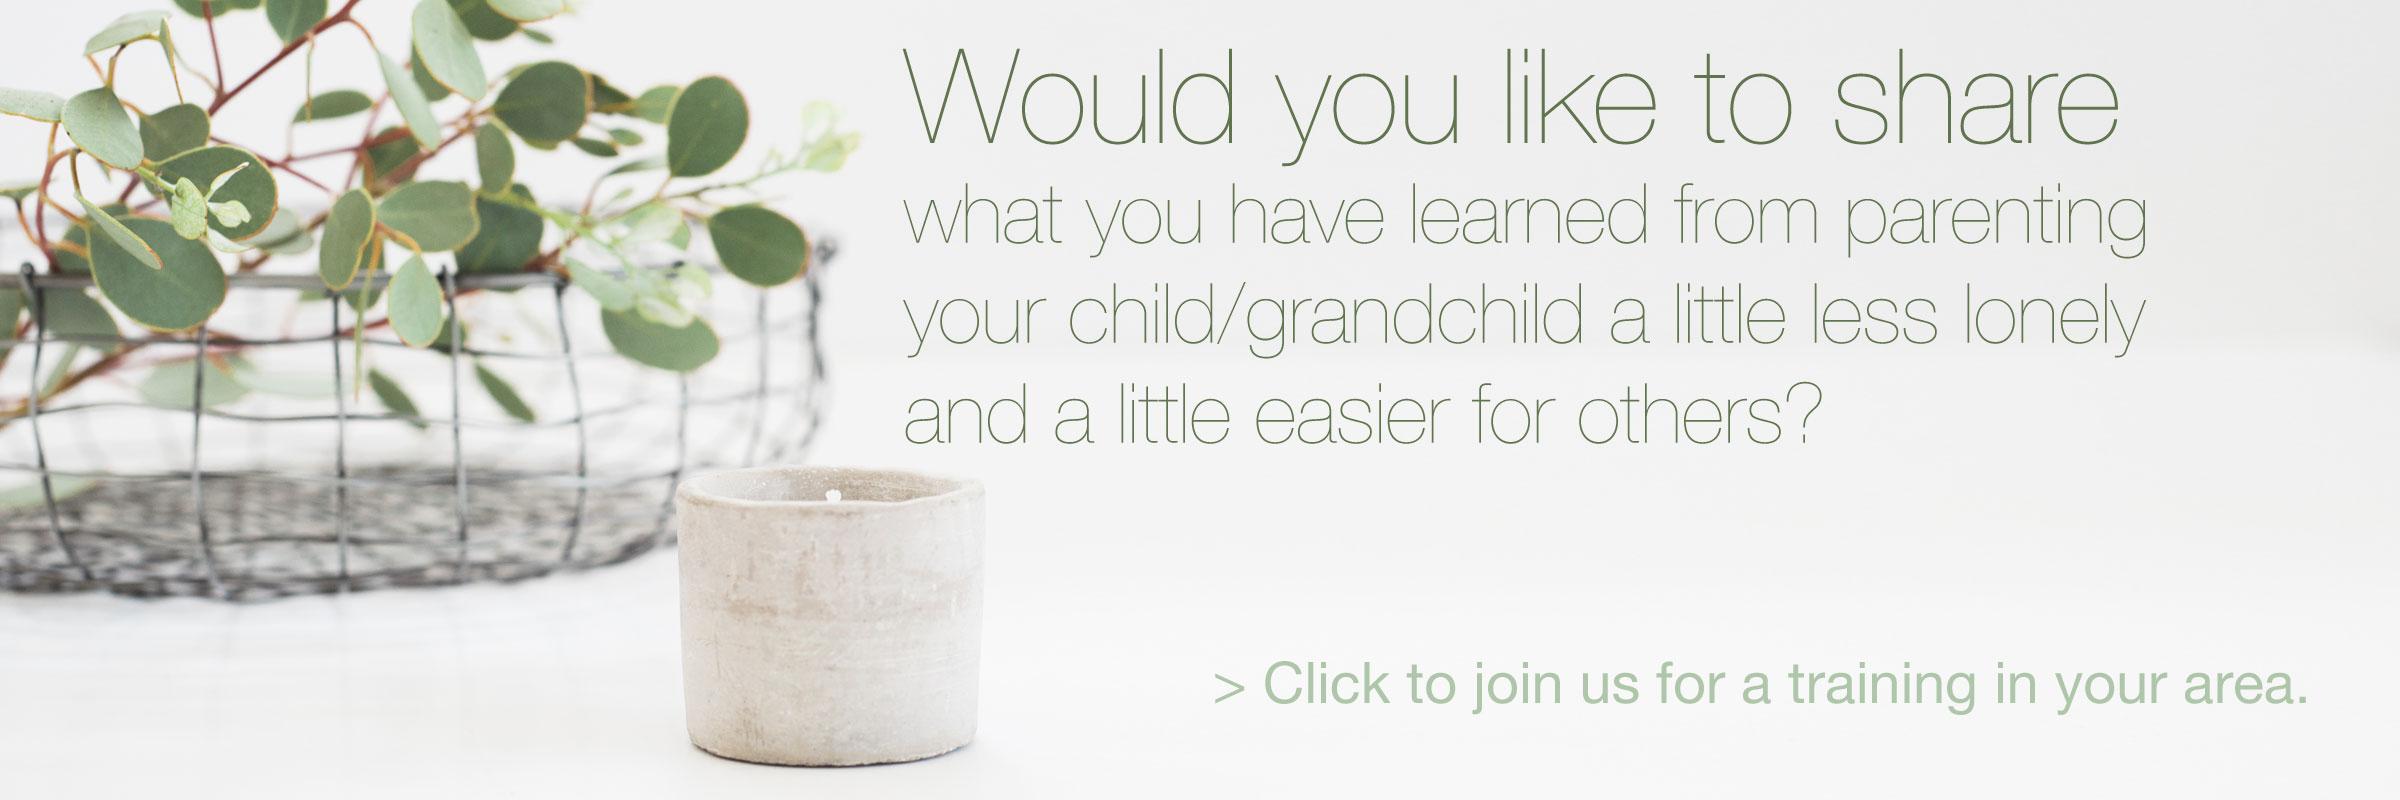 recruit-parents-slide